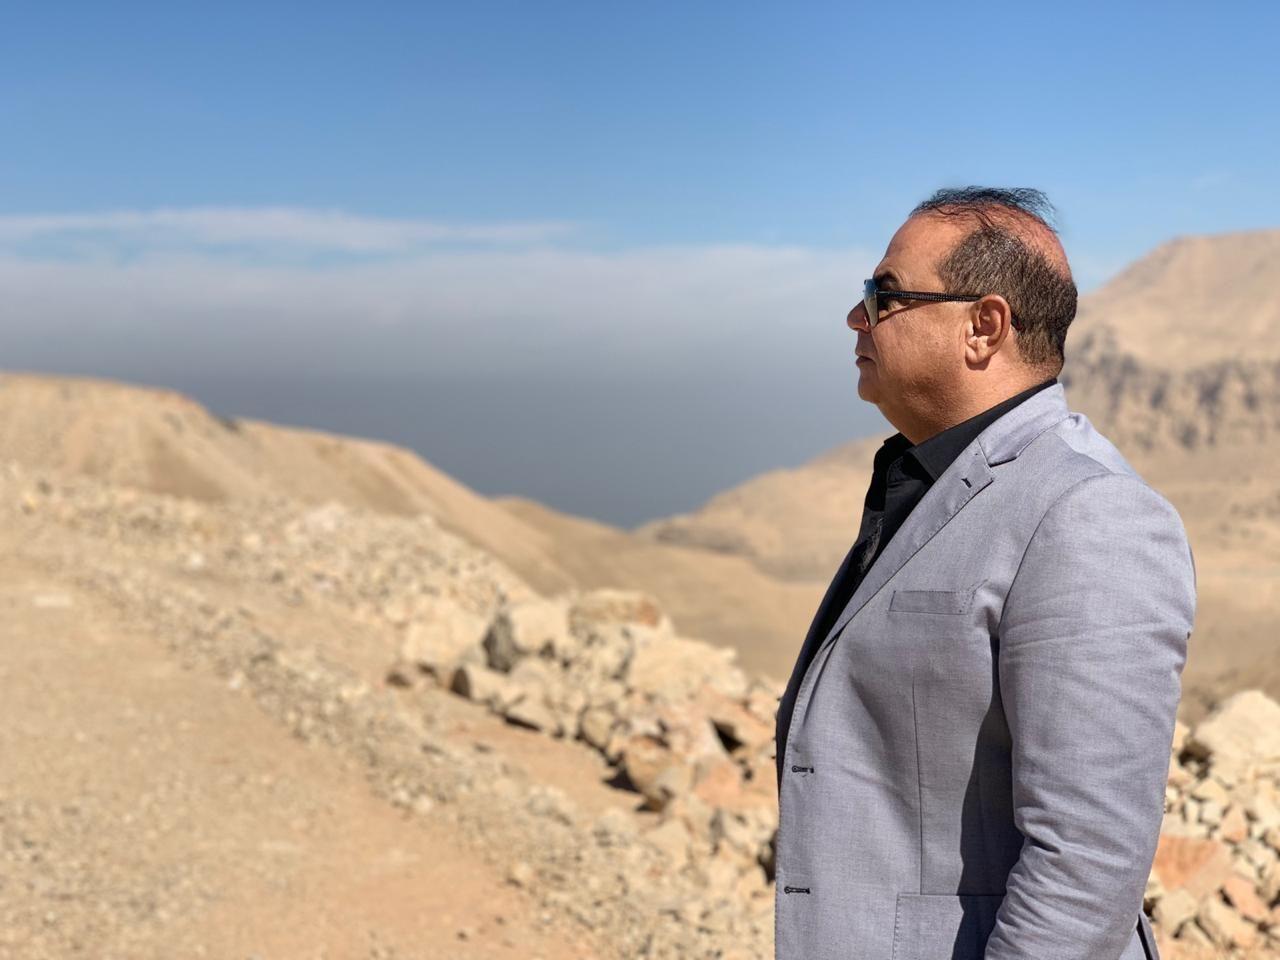 هشام الخولي رئيس مجلس الإدارة (1)